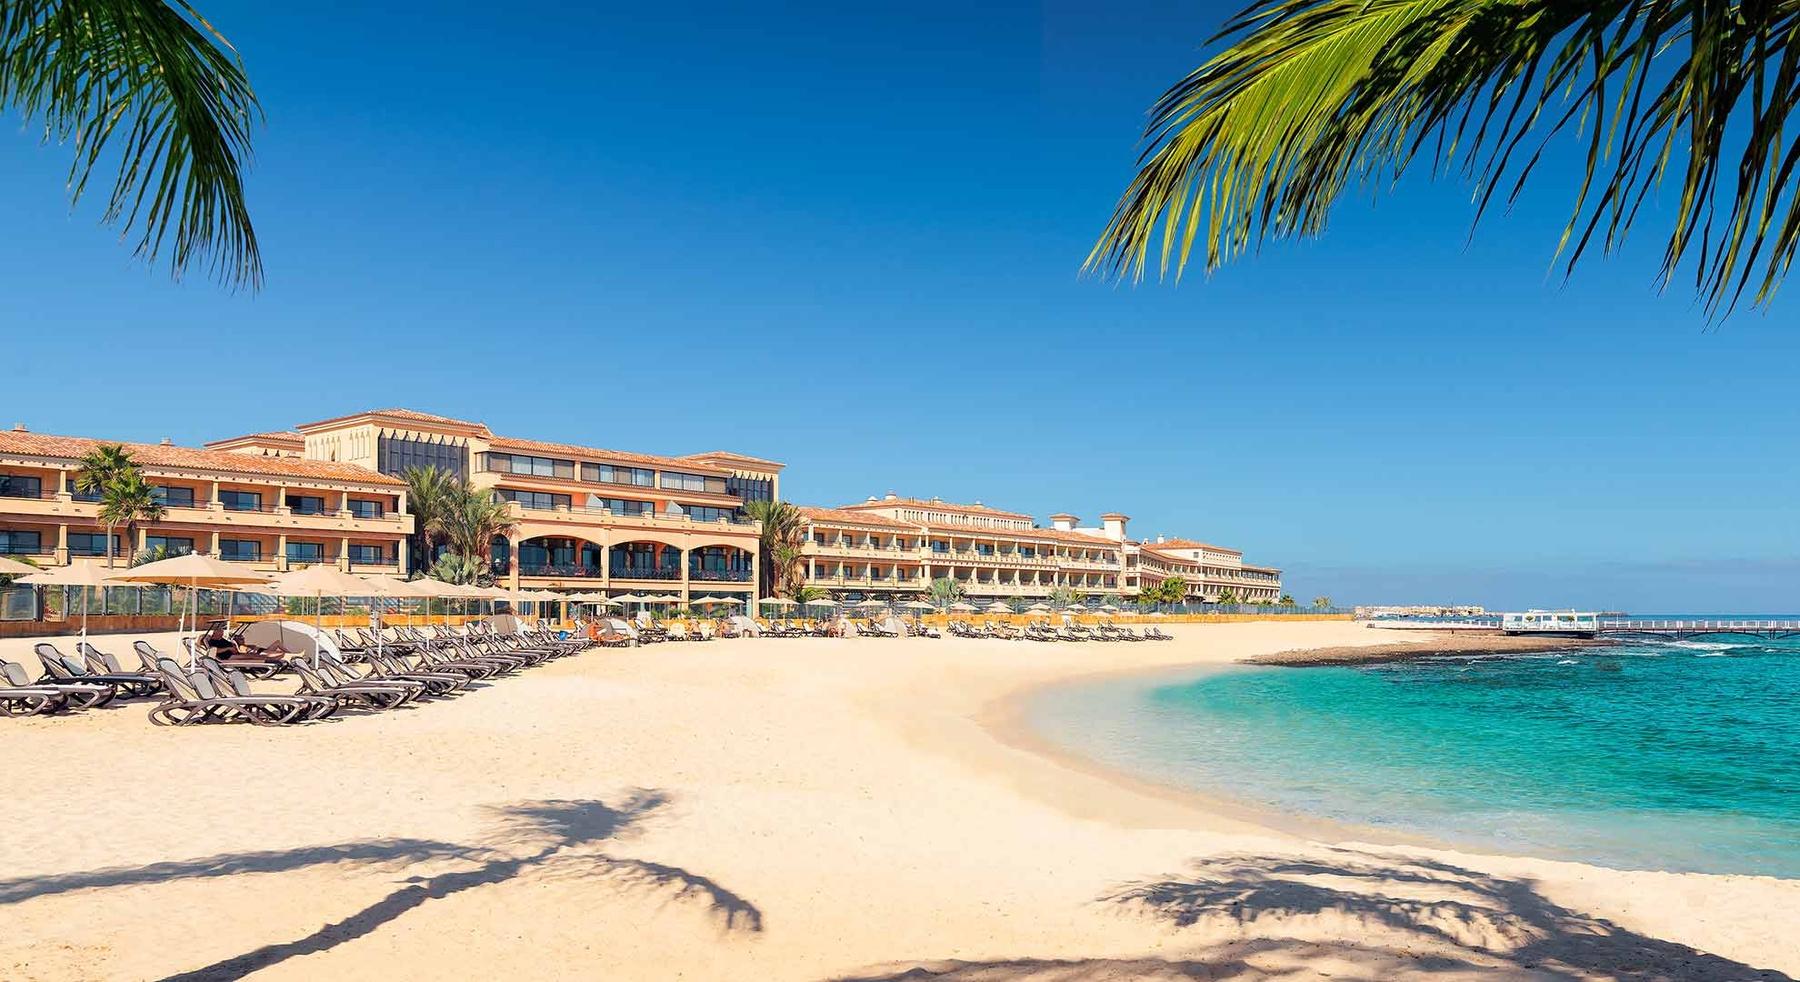 Hotel desde la playa | Gran Hotel Atlantis Bahía Real